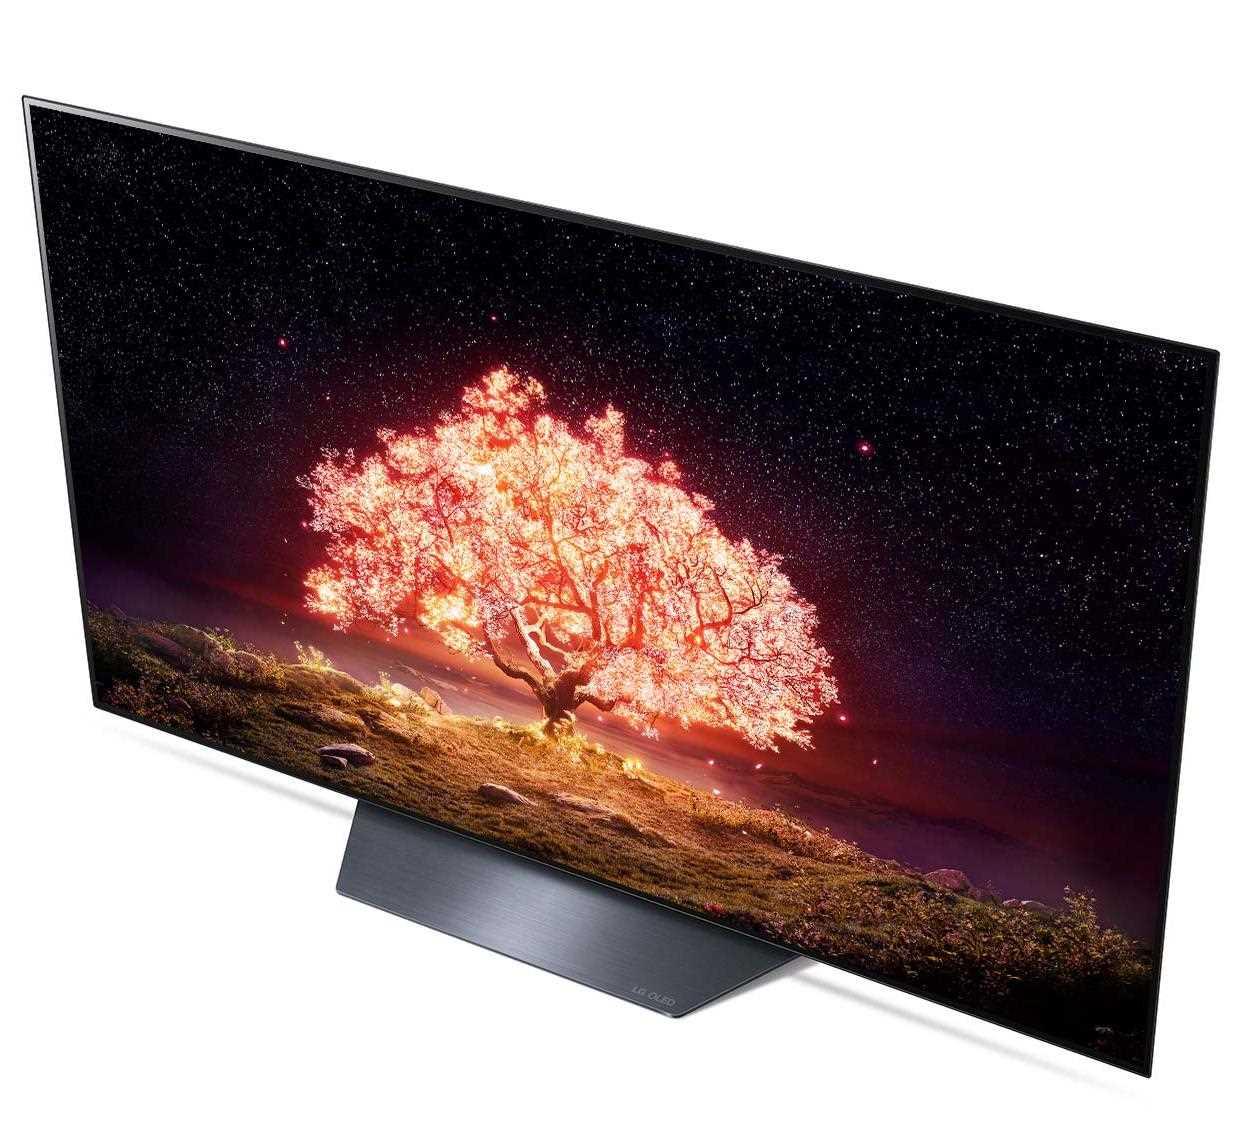 טלוויזיה 77 אינץ' דגם OLED 77B16LA/PVA  בטכנולוגיית LG OLED 4K Ultra HD אל ג'י - תמונה 8